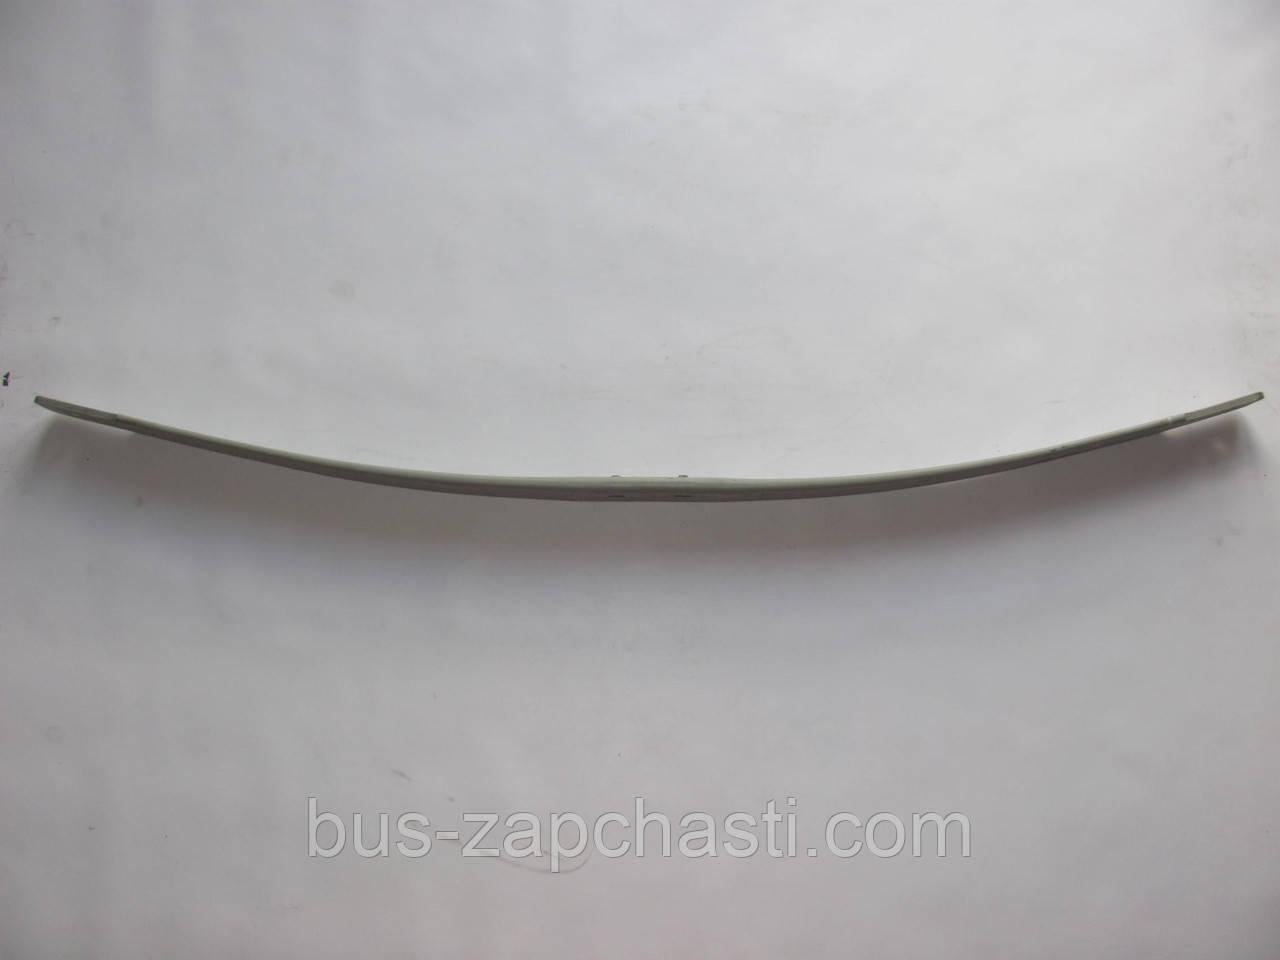 Подкоренной лист на MB Sprinter 515-519 (CПАРКА), VW Crafter 50 2006→ — TESS (Польша) — 3378100219